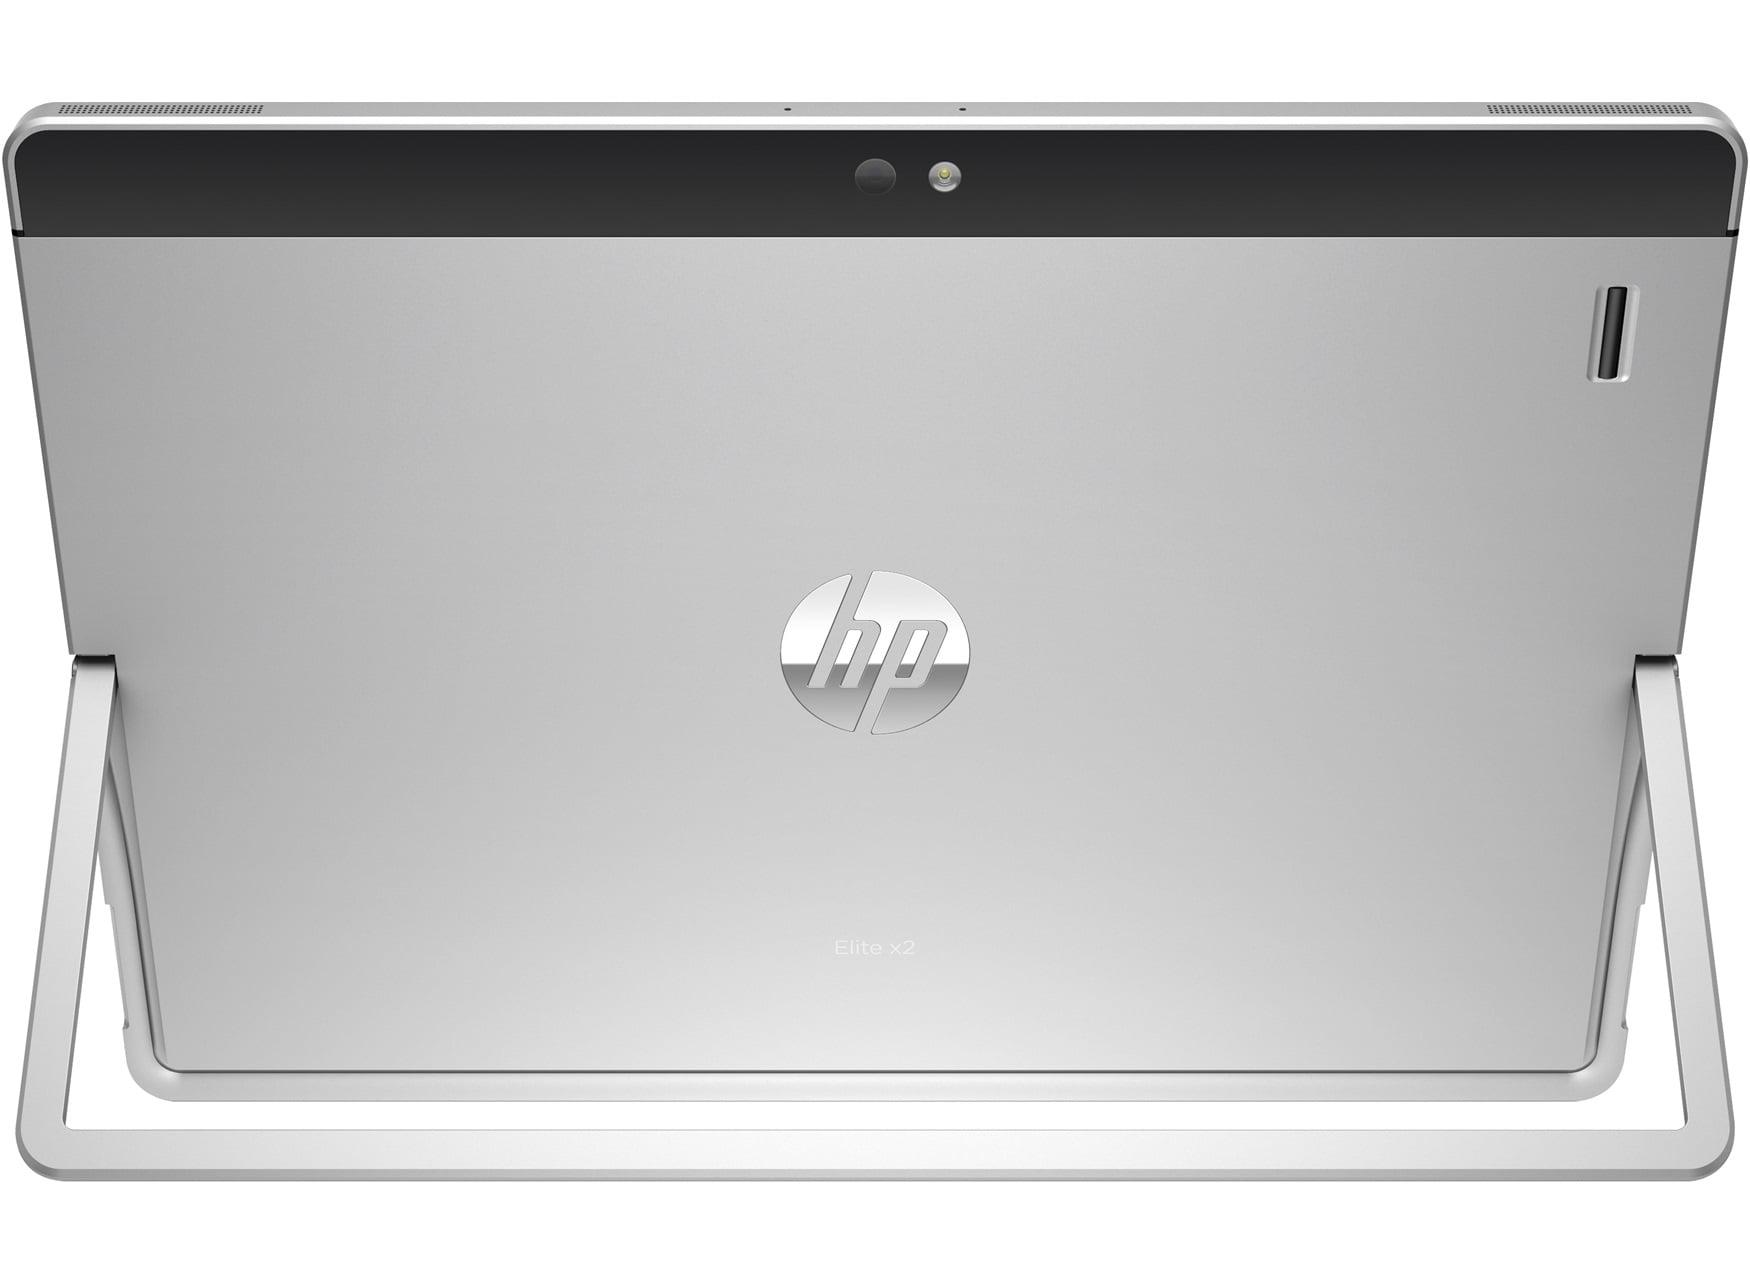 HP ELITE X2 Core M5